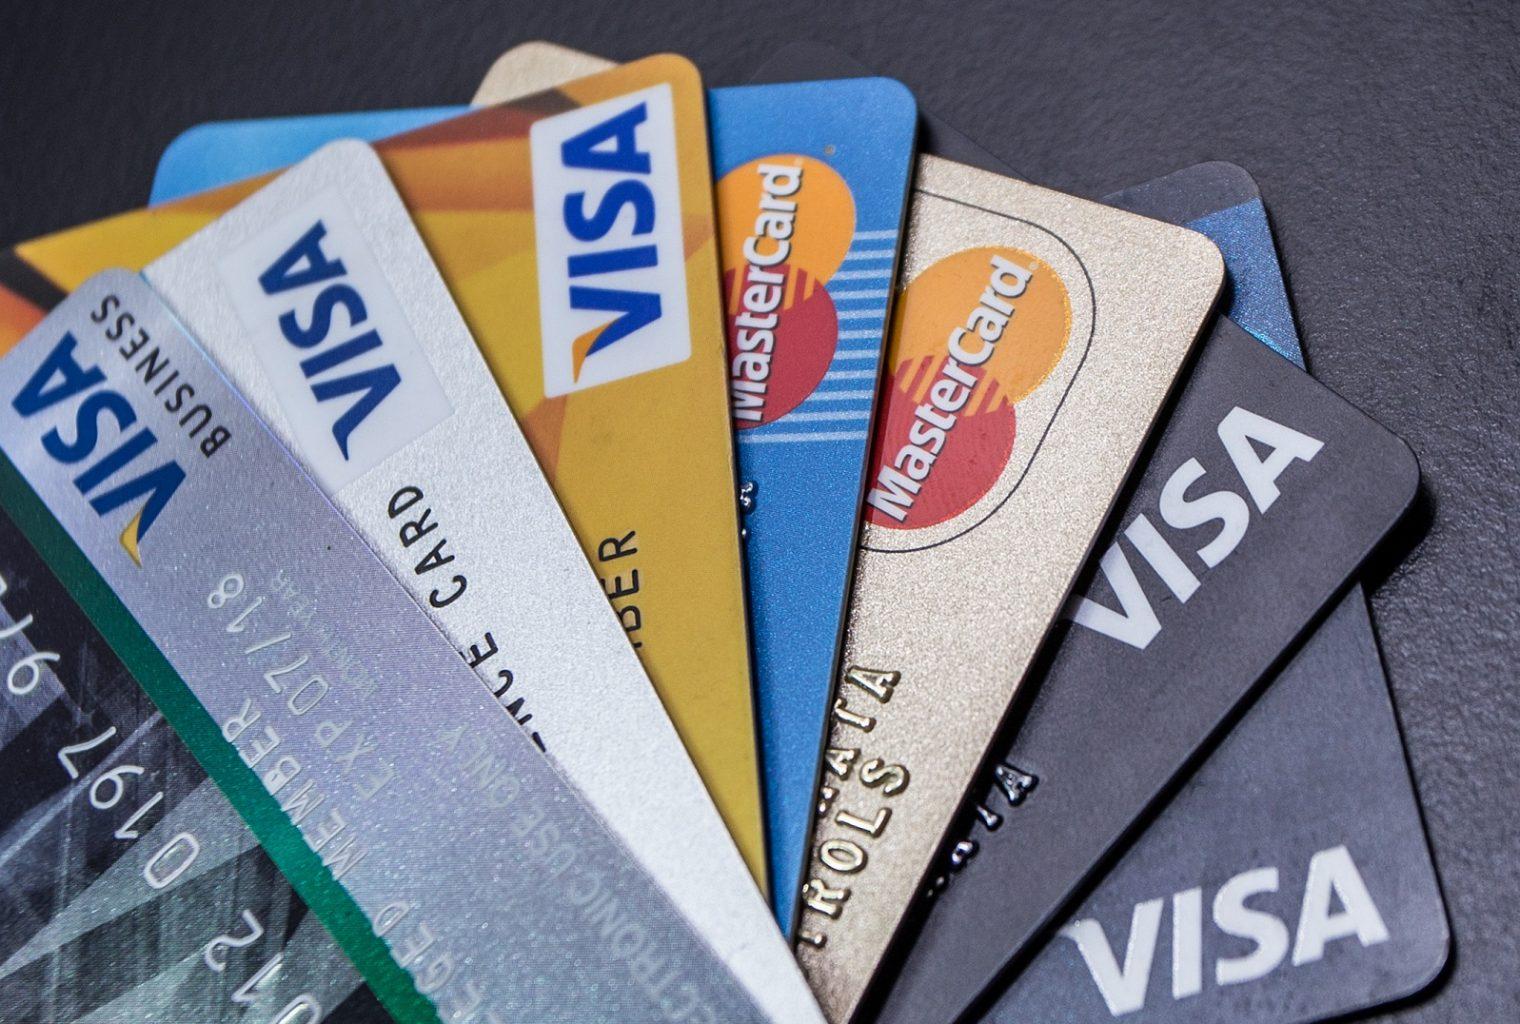 Gaste 10 criptomonedas con estas tarjetas de débito